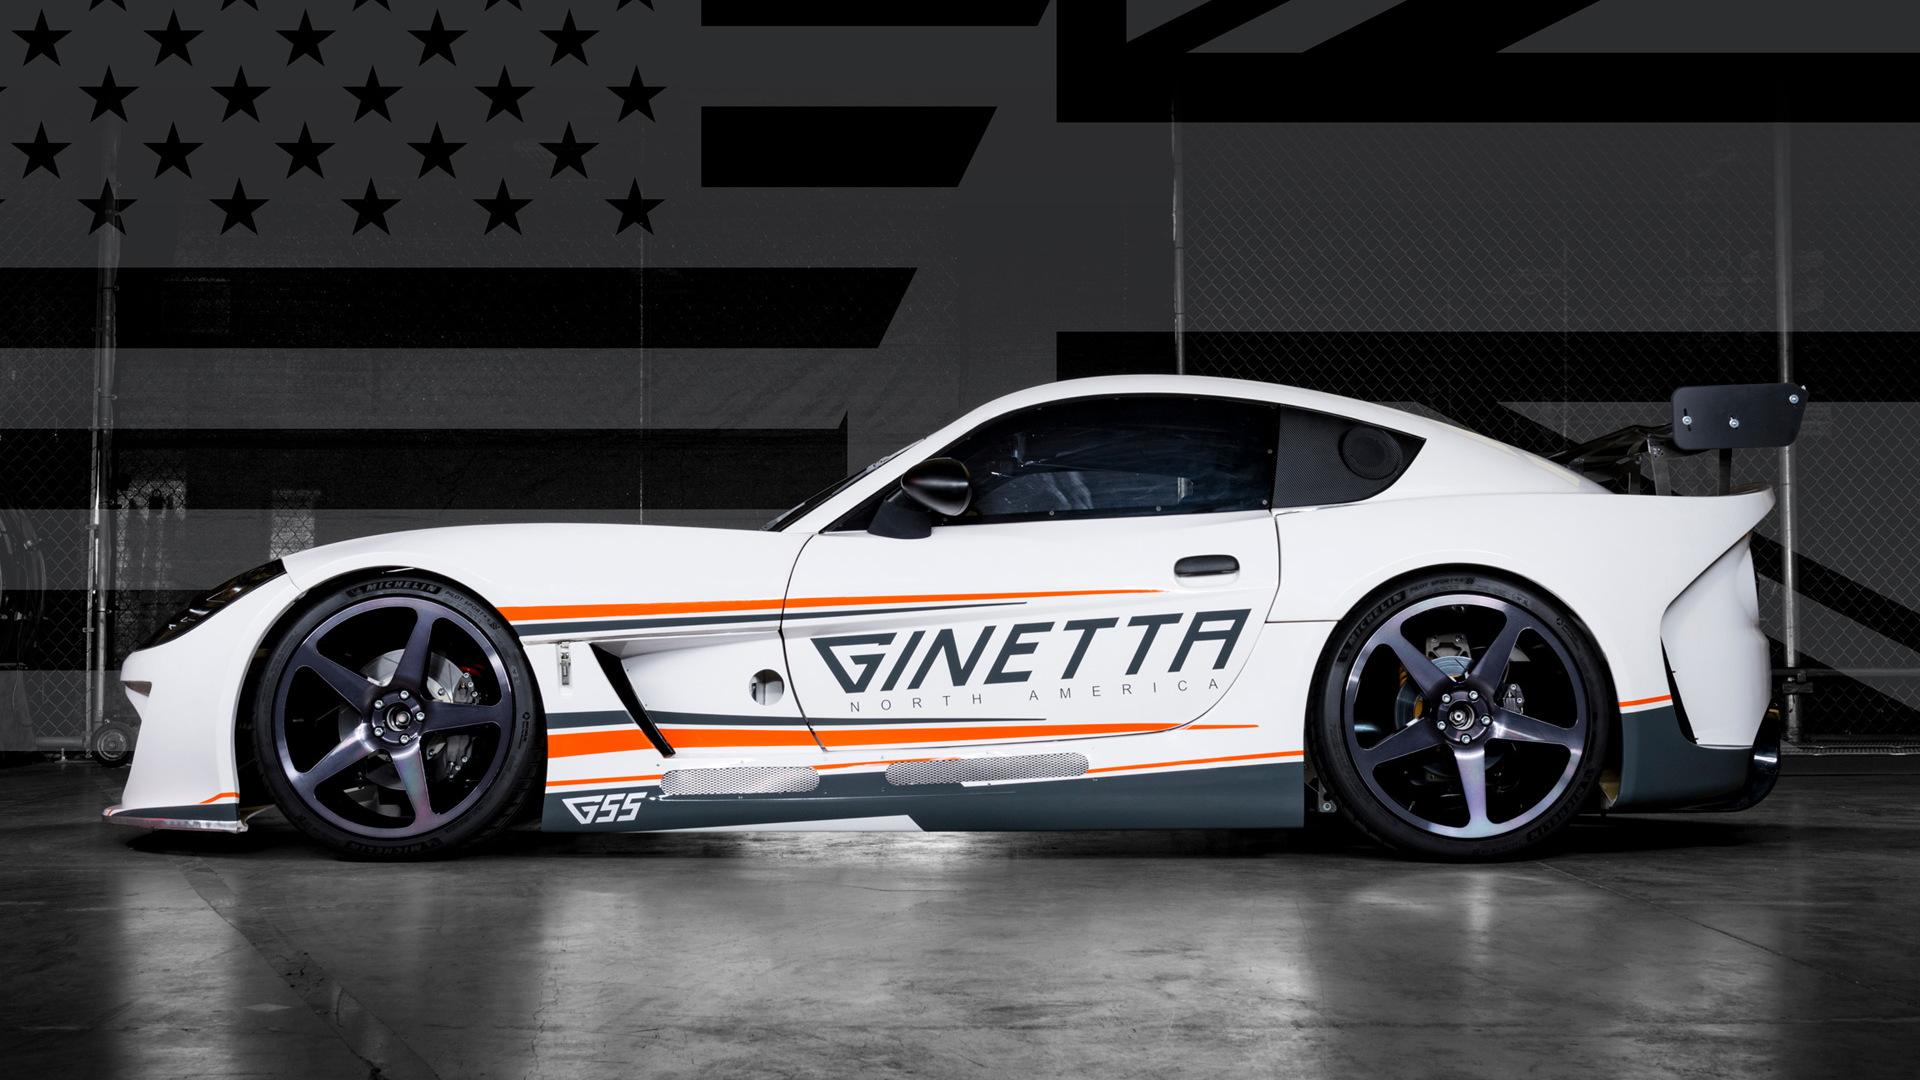 Ginetta G56 GTA race car